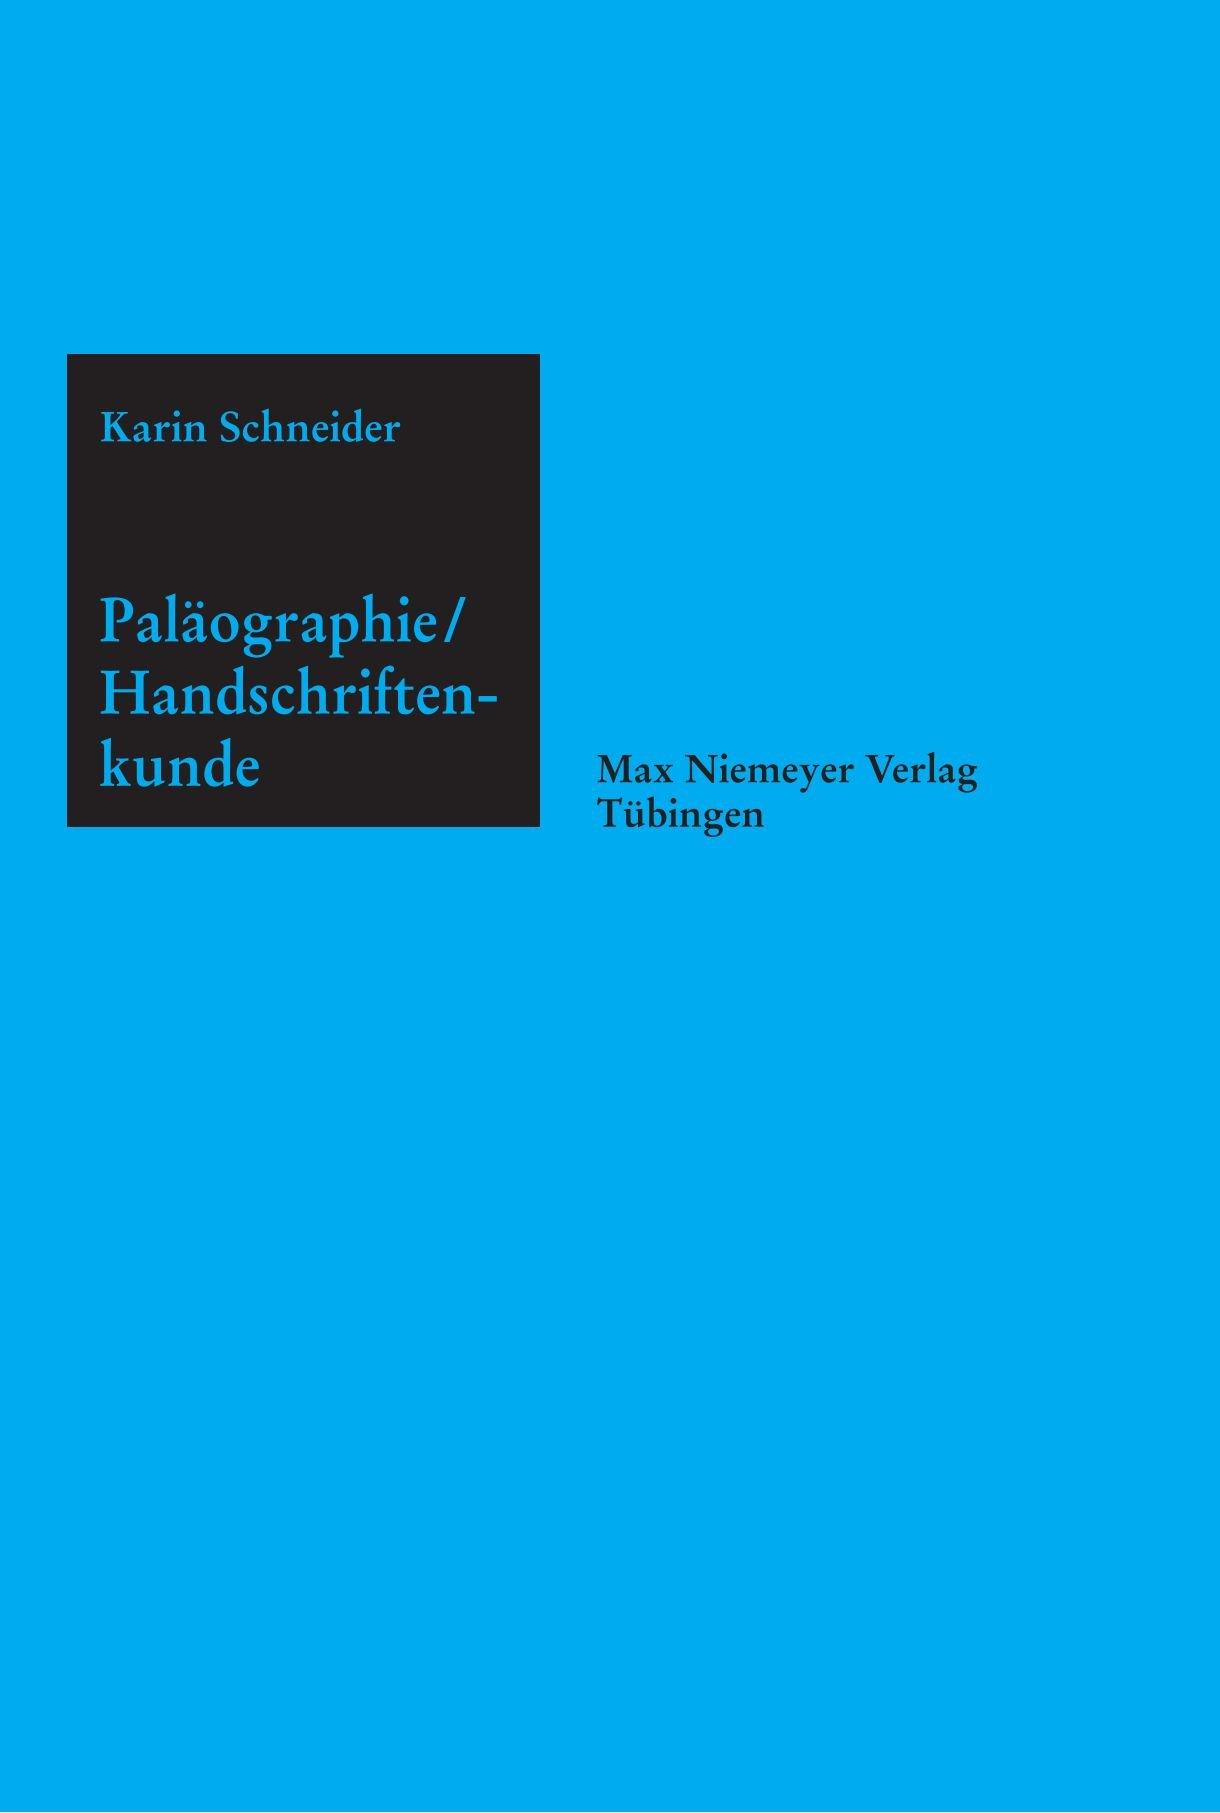 Paläographie und Handschriftenkunde für Germanisten (Sammlung kurzer Grammatiken germanischer Dialekte. B: Ergänzungsreihe, Band 8) Taschenbuch – 27. November 2009 Karin Schneider de Gruyter 3110230992 European - German